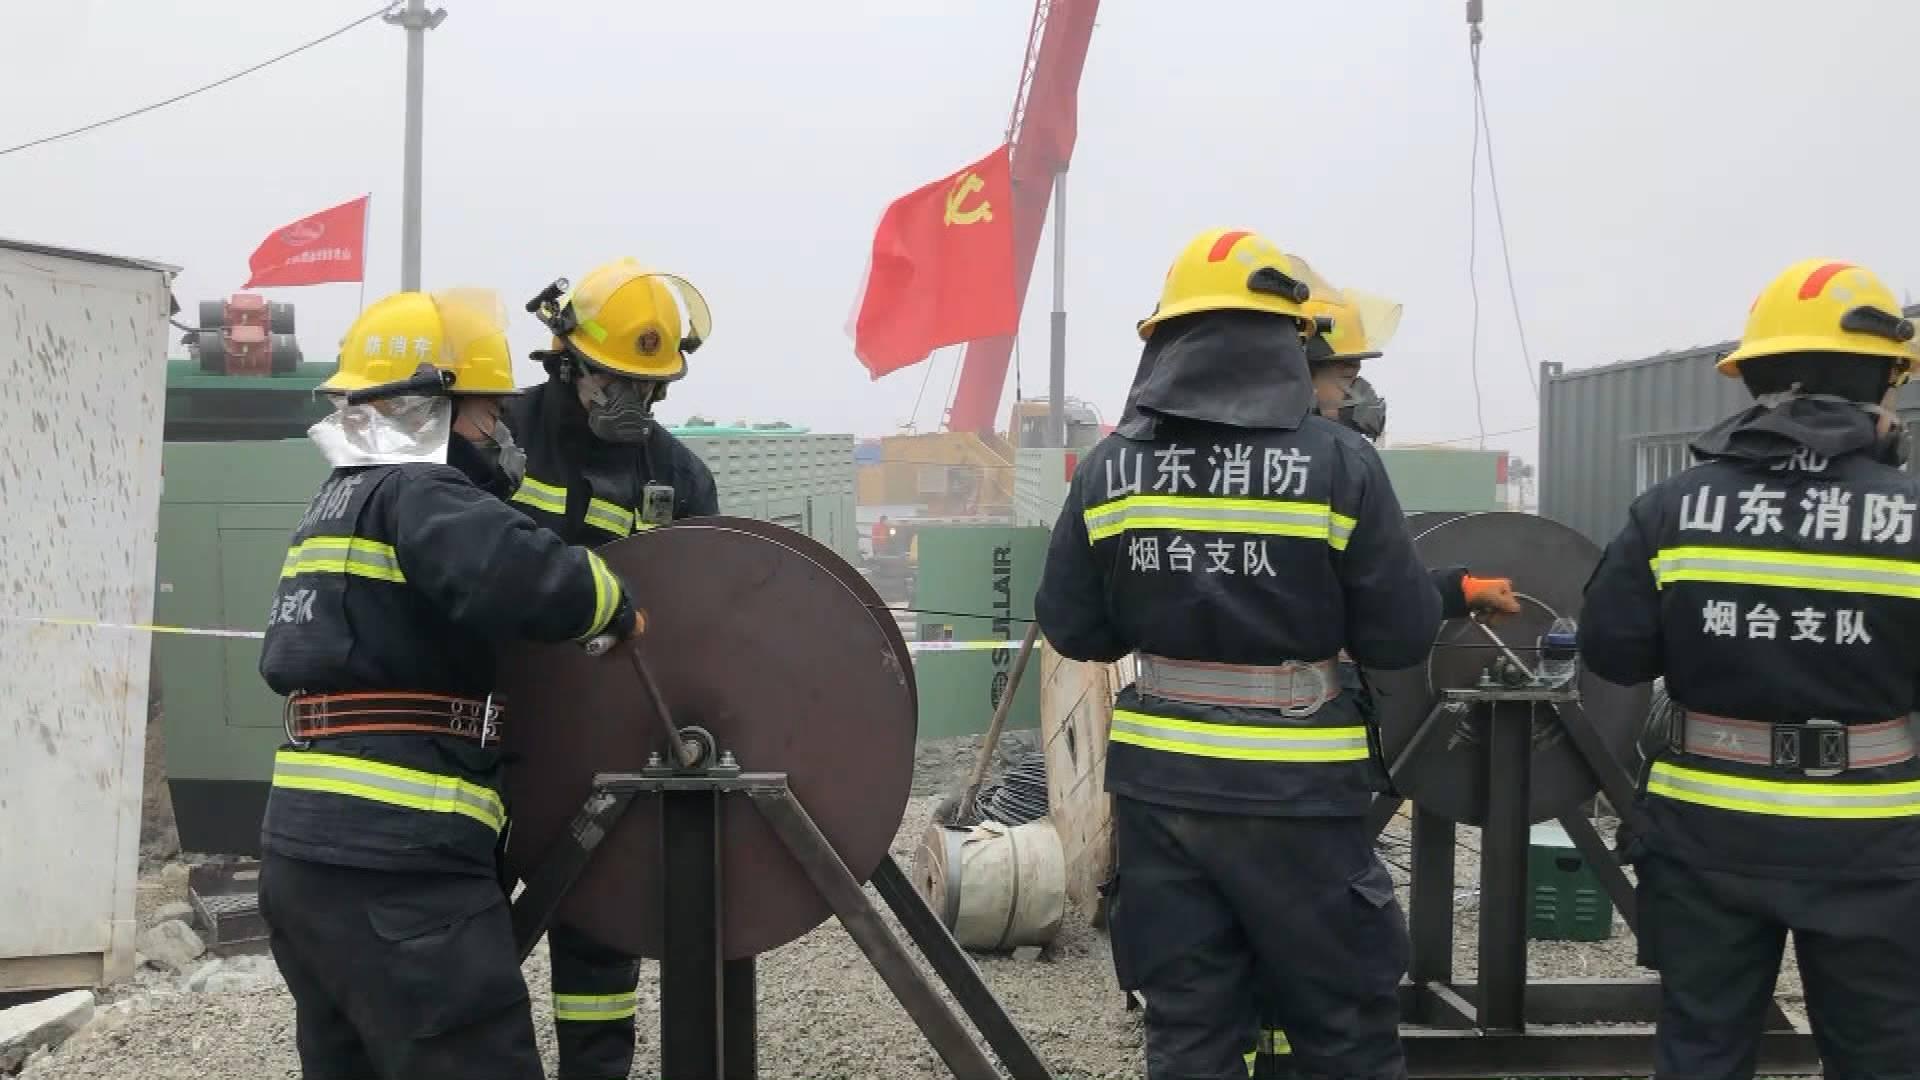 栖霞金矿事故救援最新进展:工人身体机能正逐步恢复 预计主井救援通道打通仍需至少15天